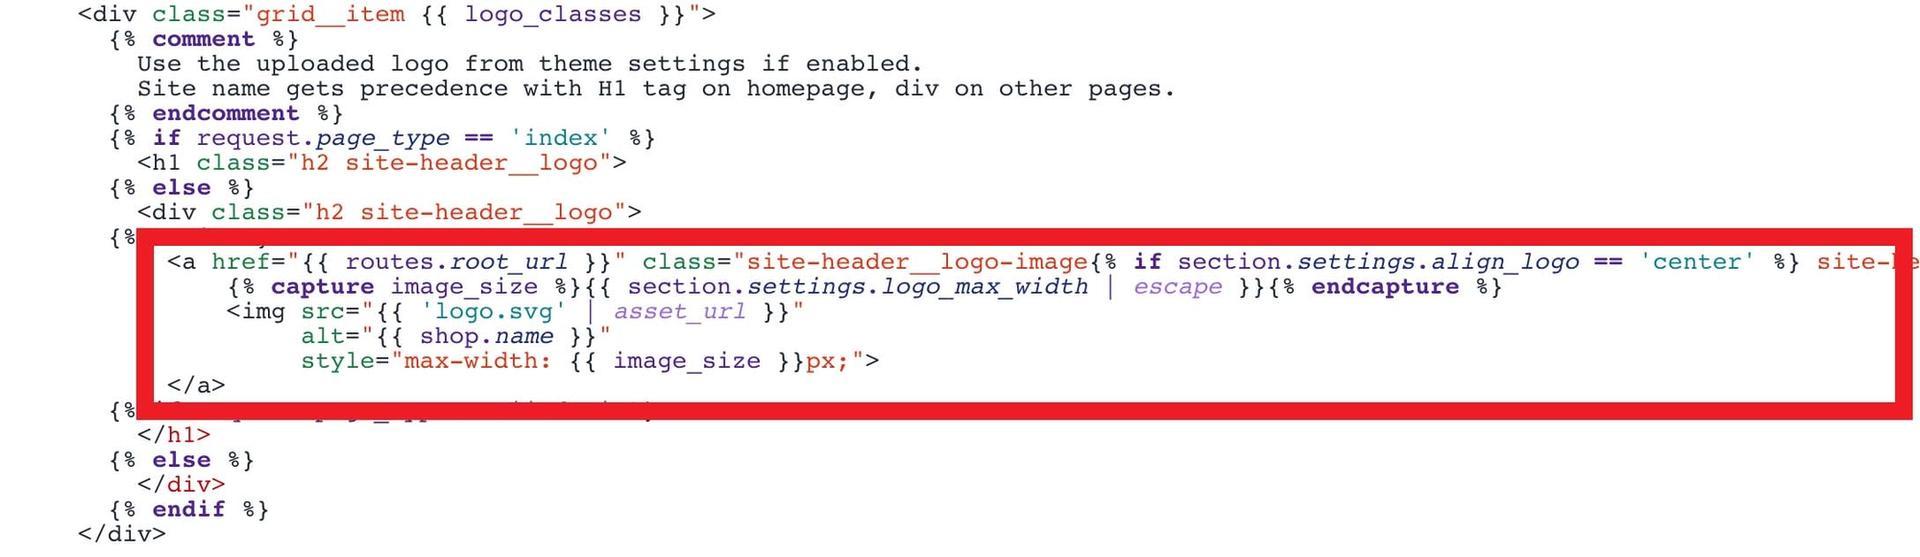 Custom SVG logo loading code snippet